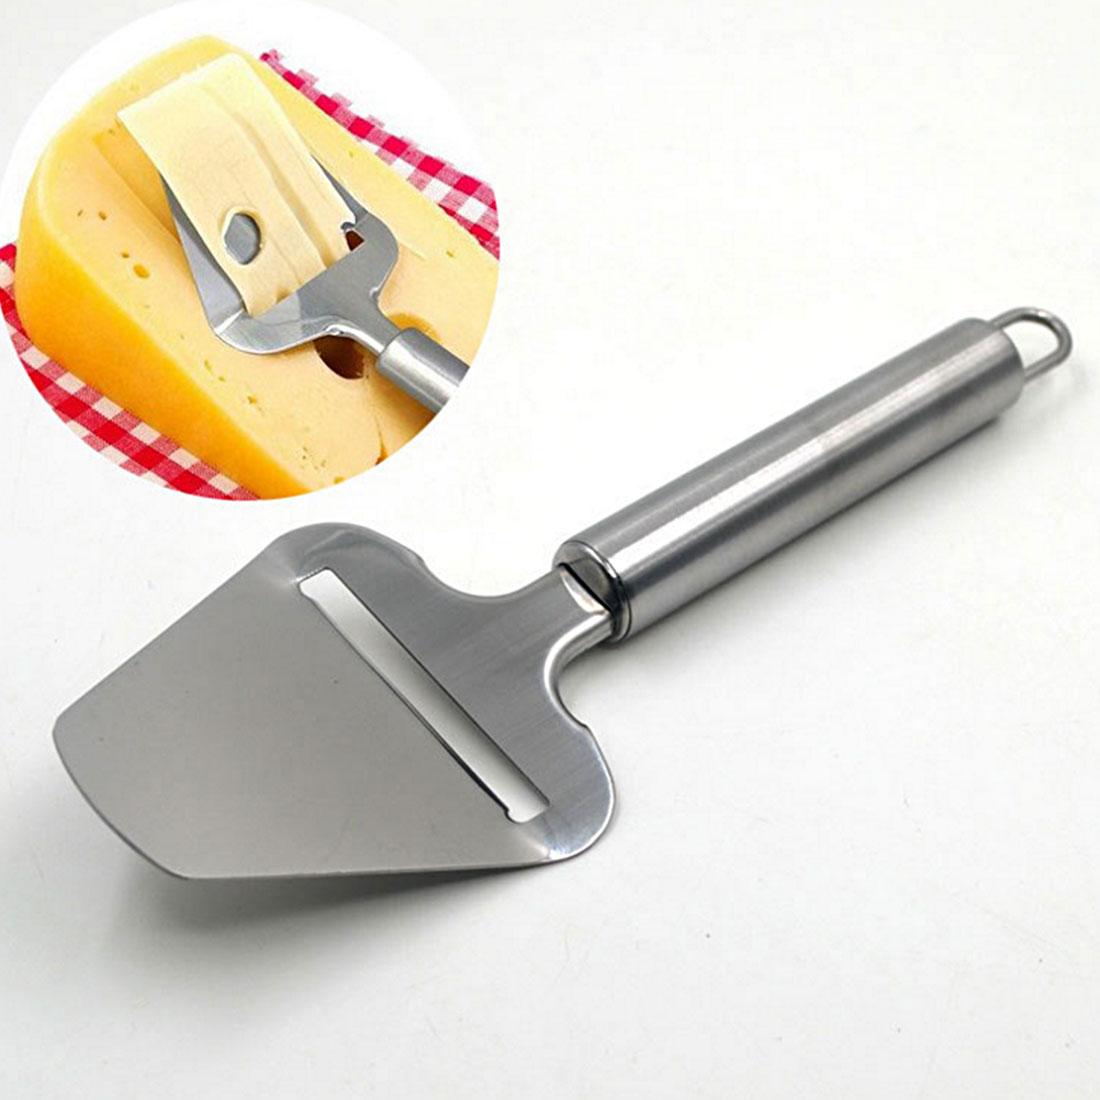 Nový příjezd dort lopatka máslo z nerezové oceli sýr kráječ strouhadlo chopper domácí kuchyně pekárenské nástroje